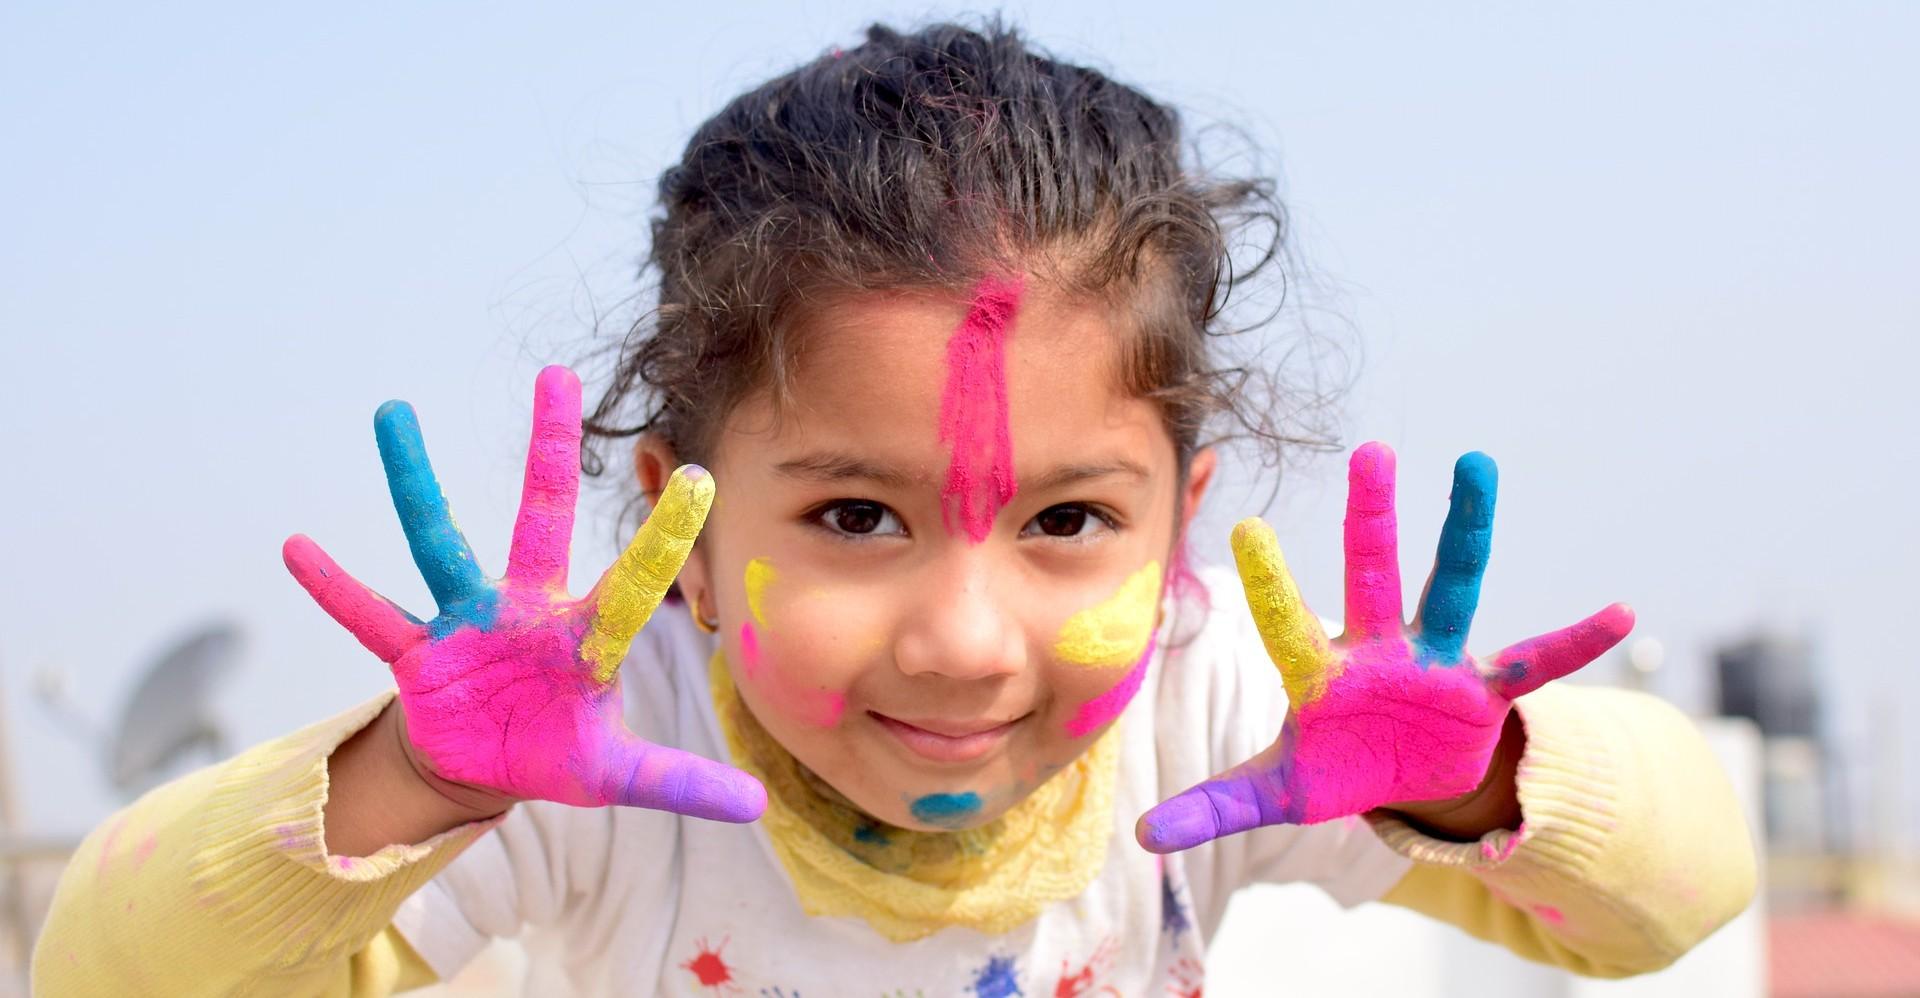 Wyjątkowy Dzień Dziecka w BONIE! Otwarcie kącika dla najmłodszych, mnóstwo atrakcji!